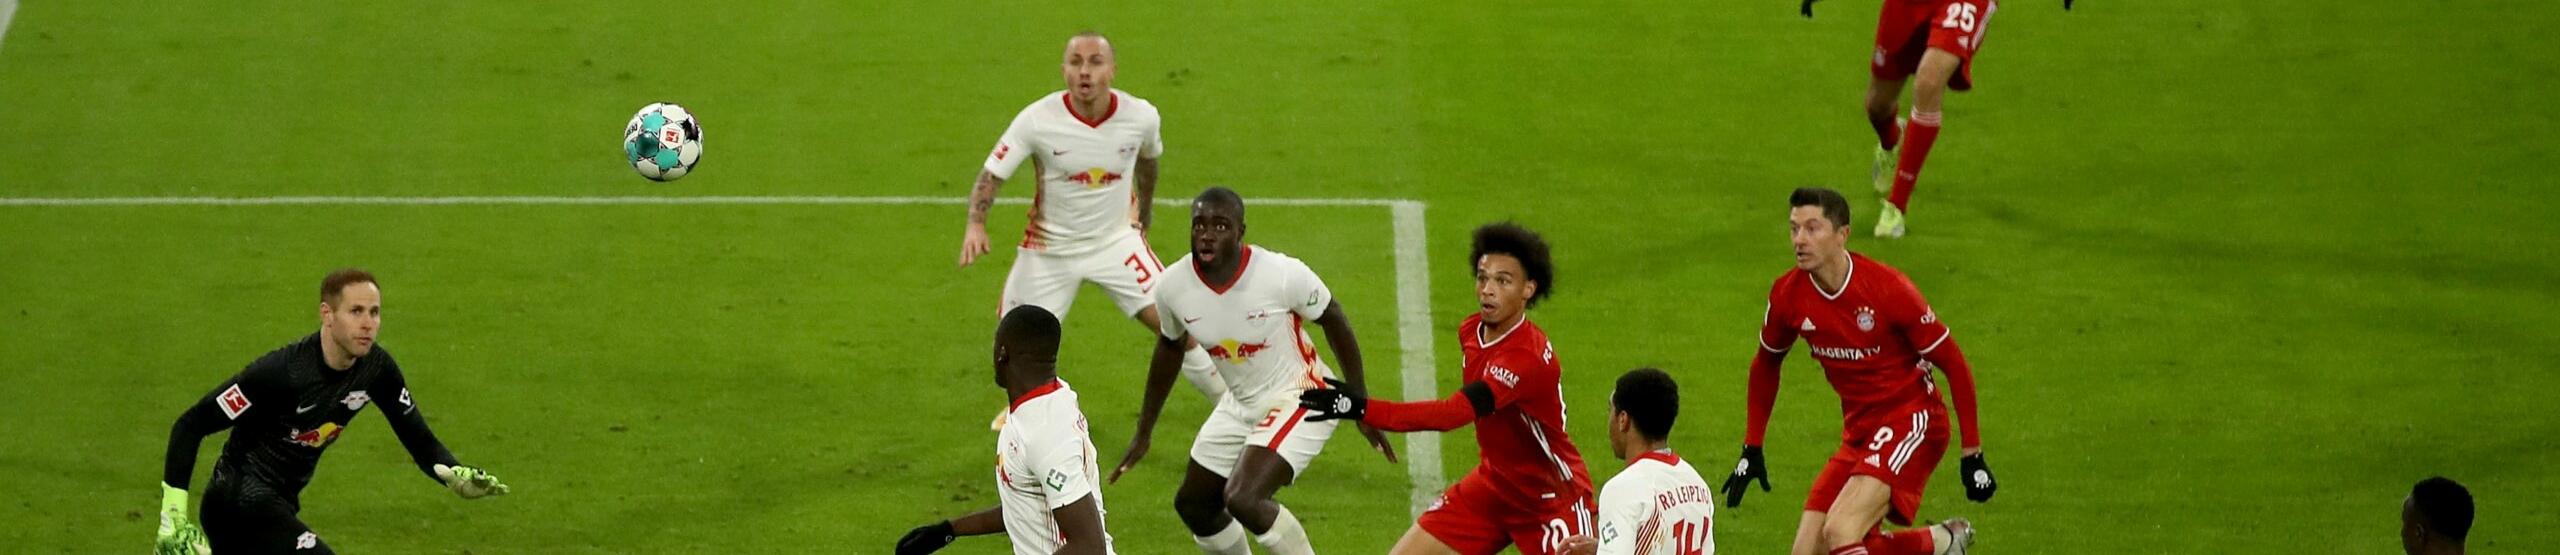 Lipsia-Bayern Monaco: il big match di Bundesliga può valere un pezzo di Meisterschale